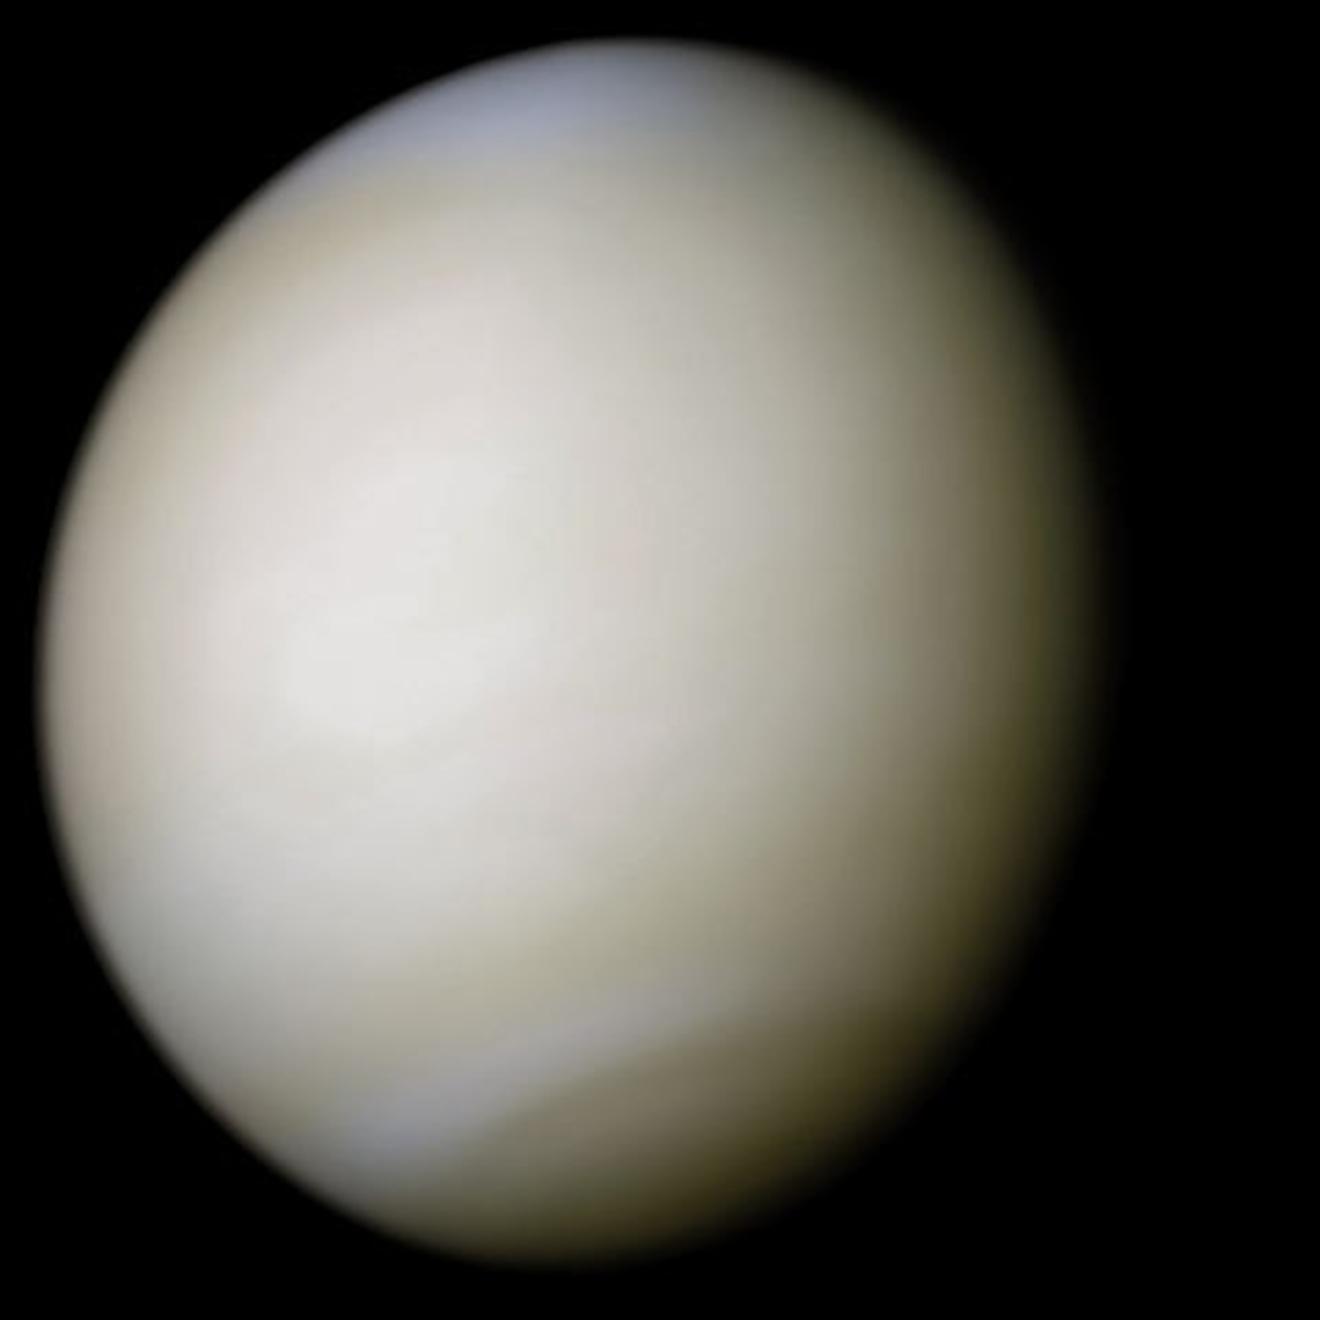 5分でわかる金星の特徴!大きさや温度、大気、自転などをわかりやすく解説!